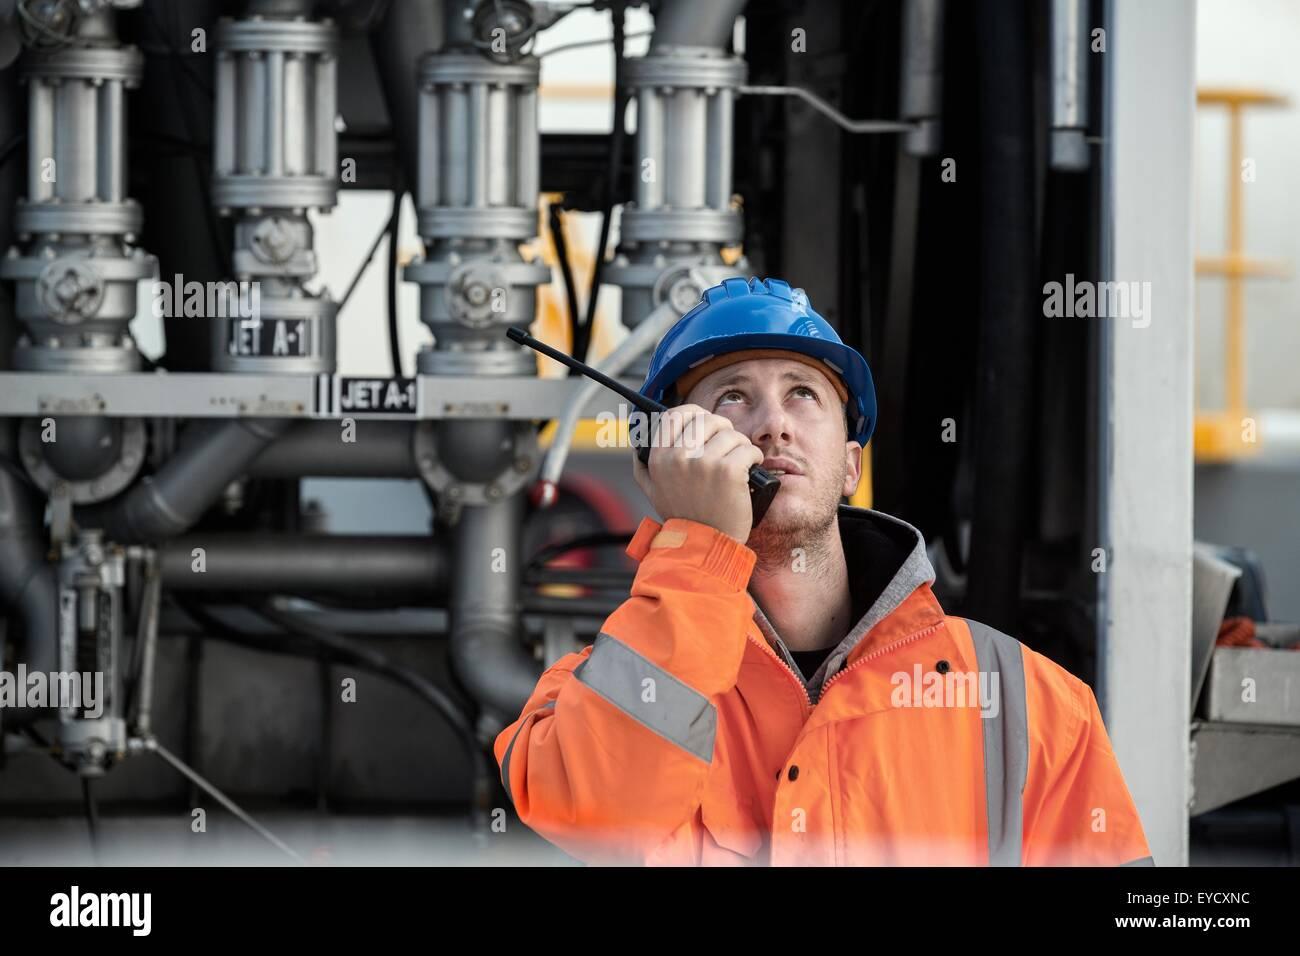 Lavoratore di sesso maschile che parla su radio a due vie a deposito di carburante Immagini Stock